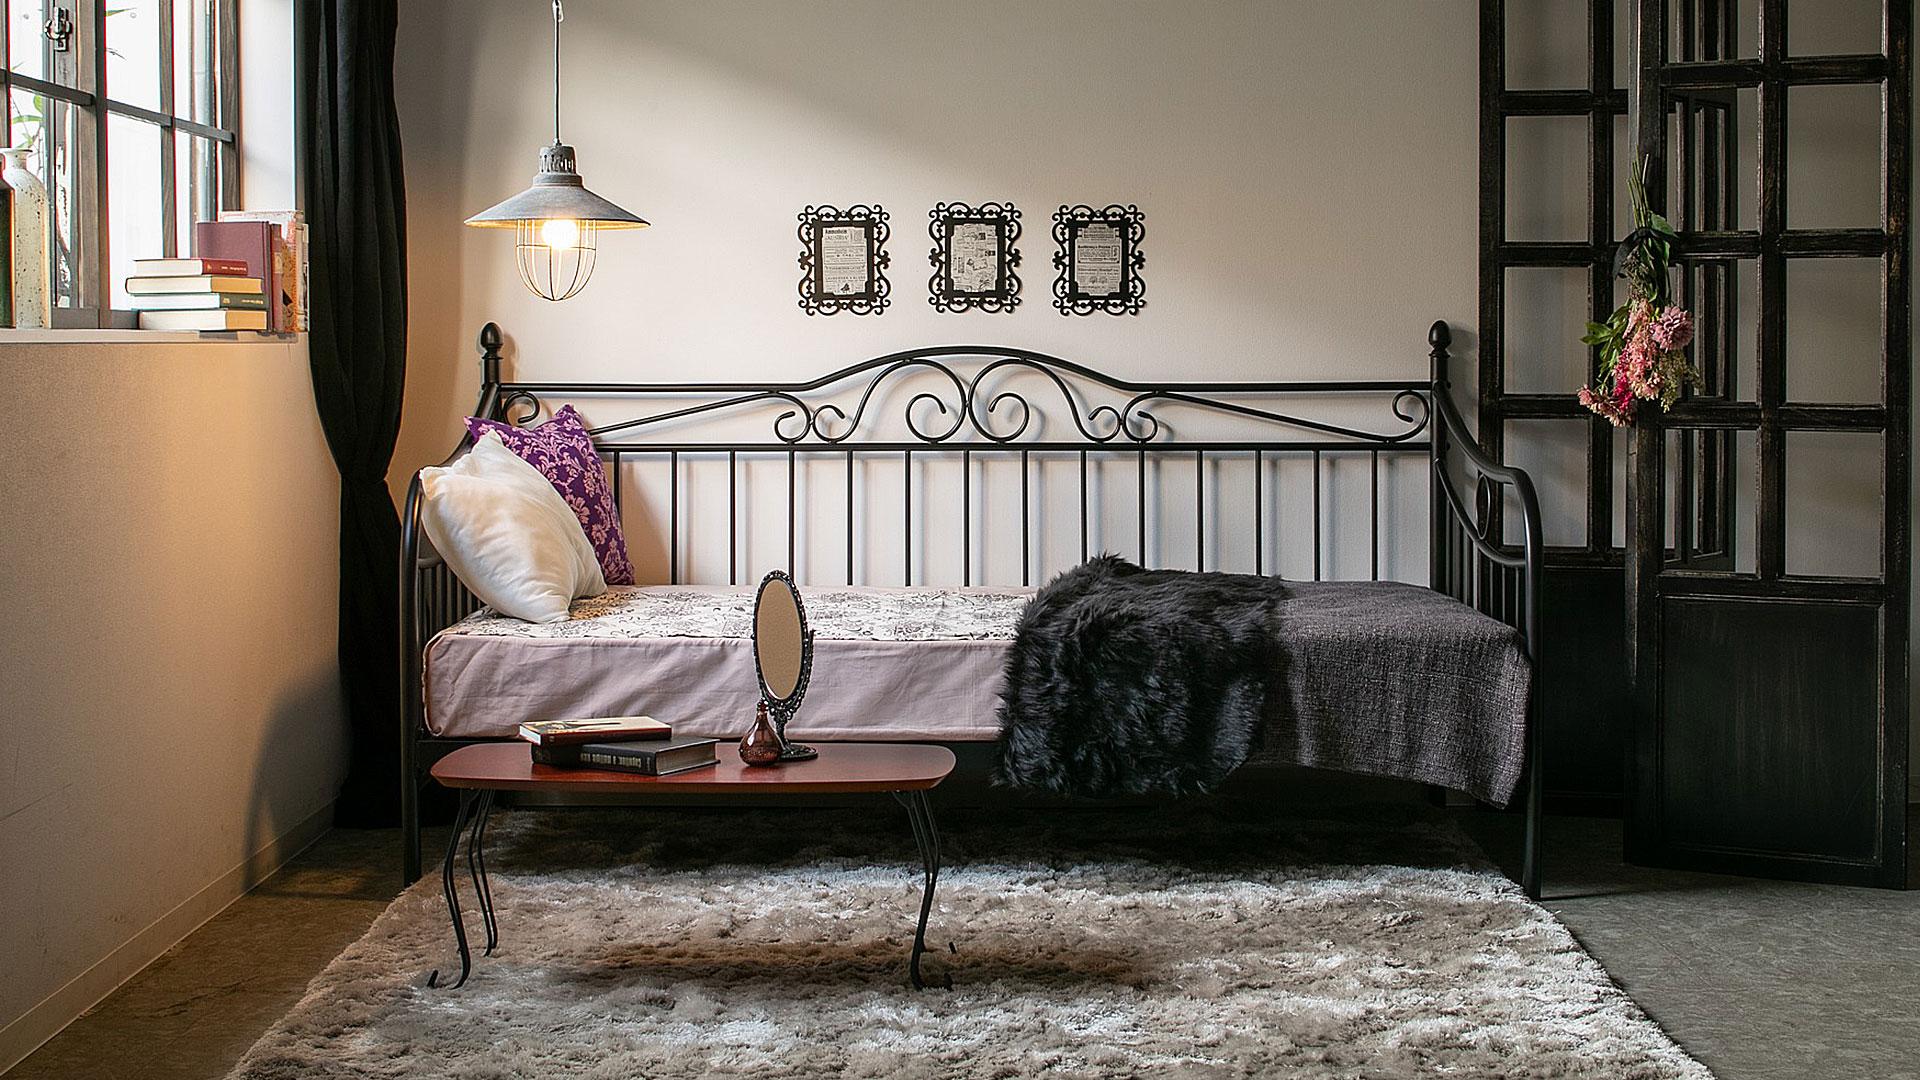 リビンズのベッドフレーム「ビーグル」の展示の画像